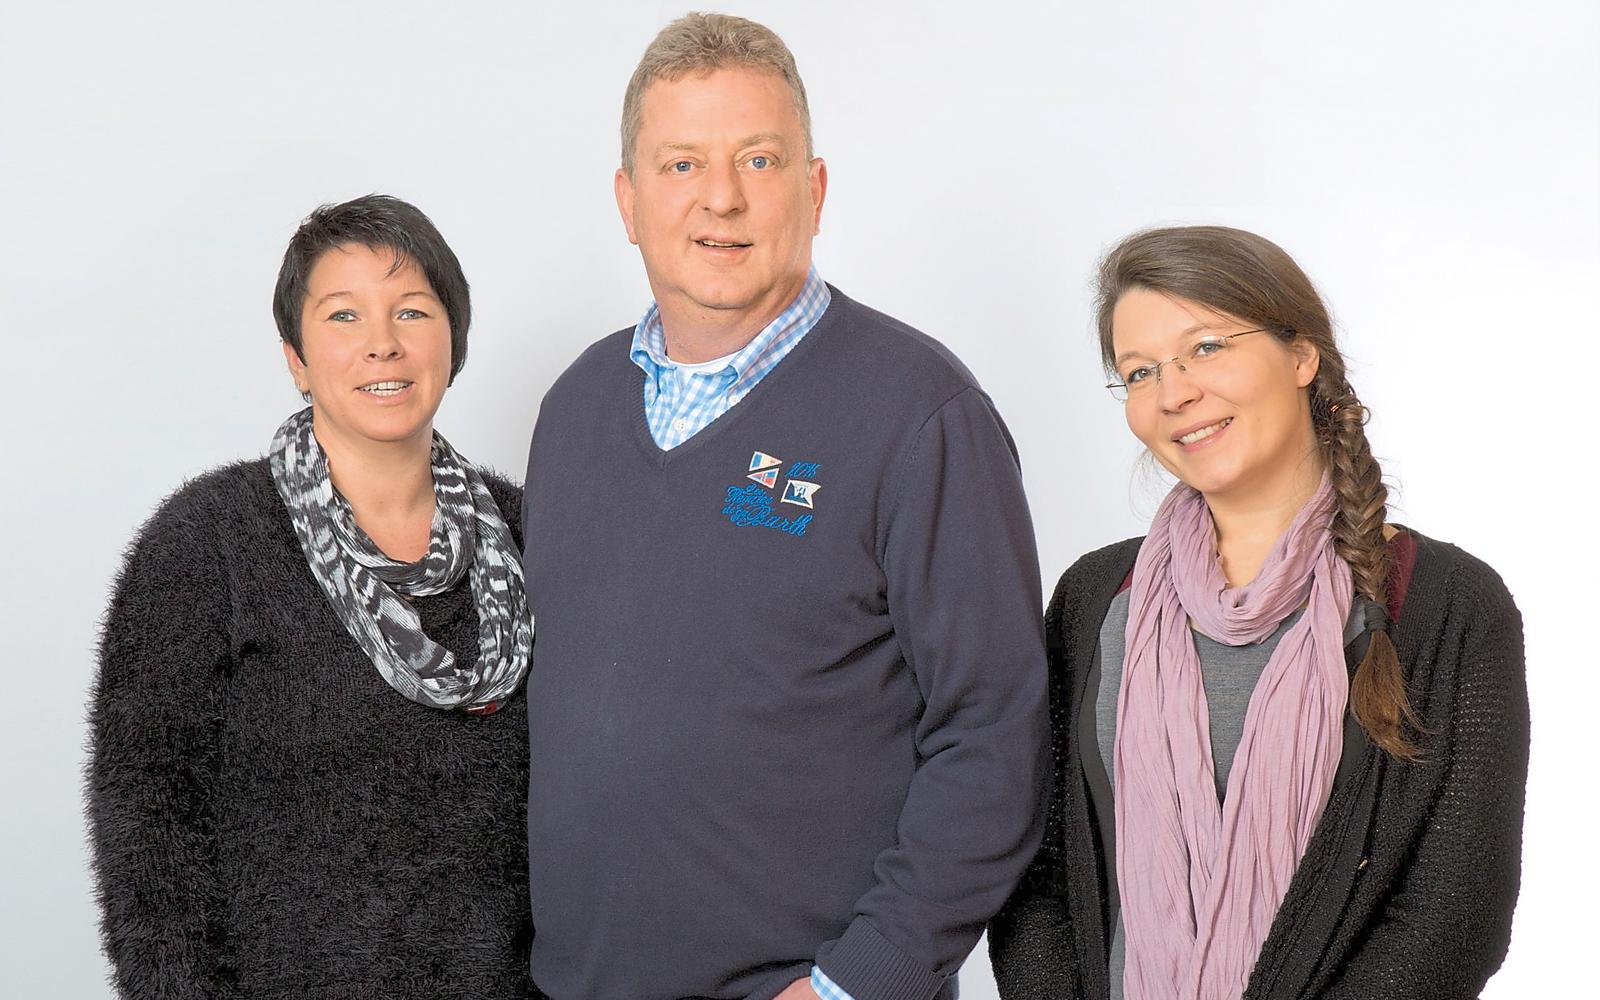 Hans-Jürgen Flammann mit seinen Mitarbeiterinnen Sylvana Held und Sabrina Springhorn.